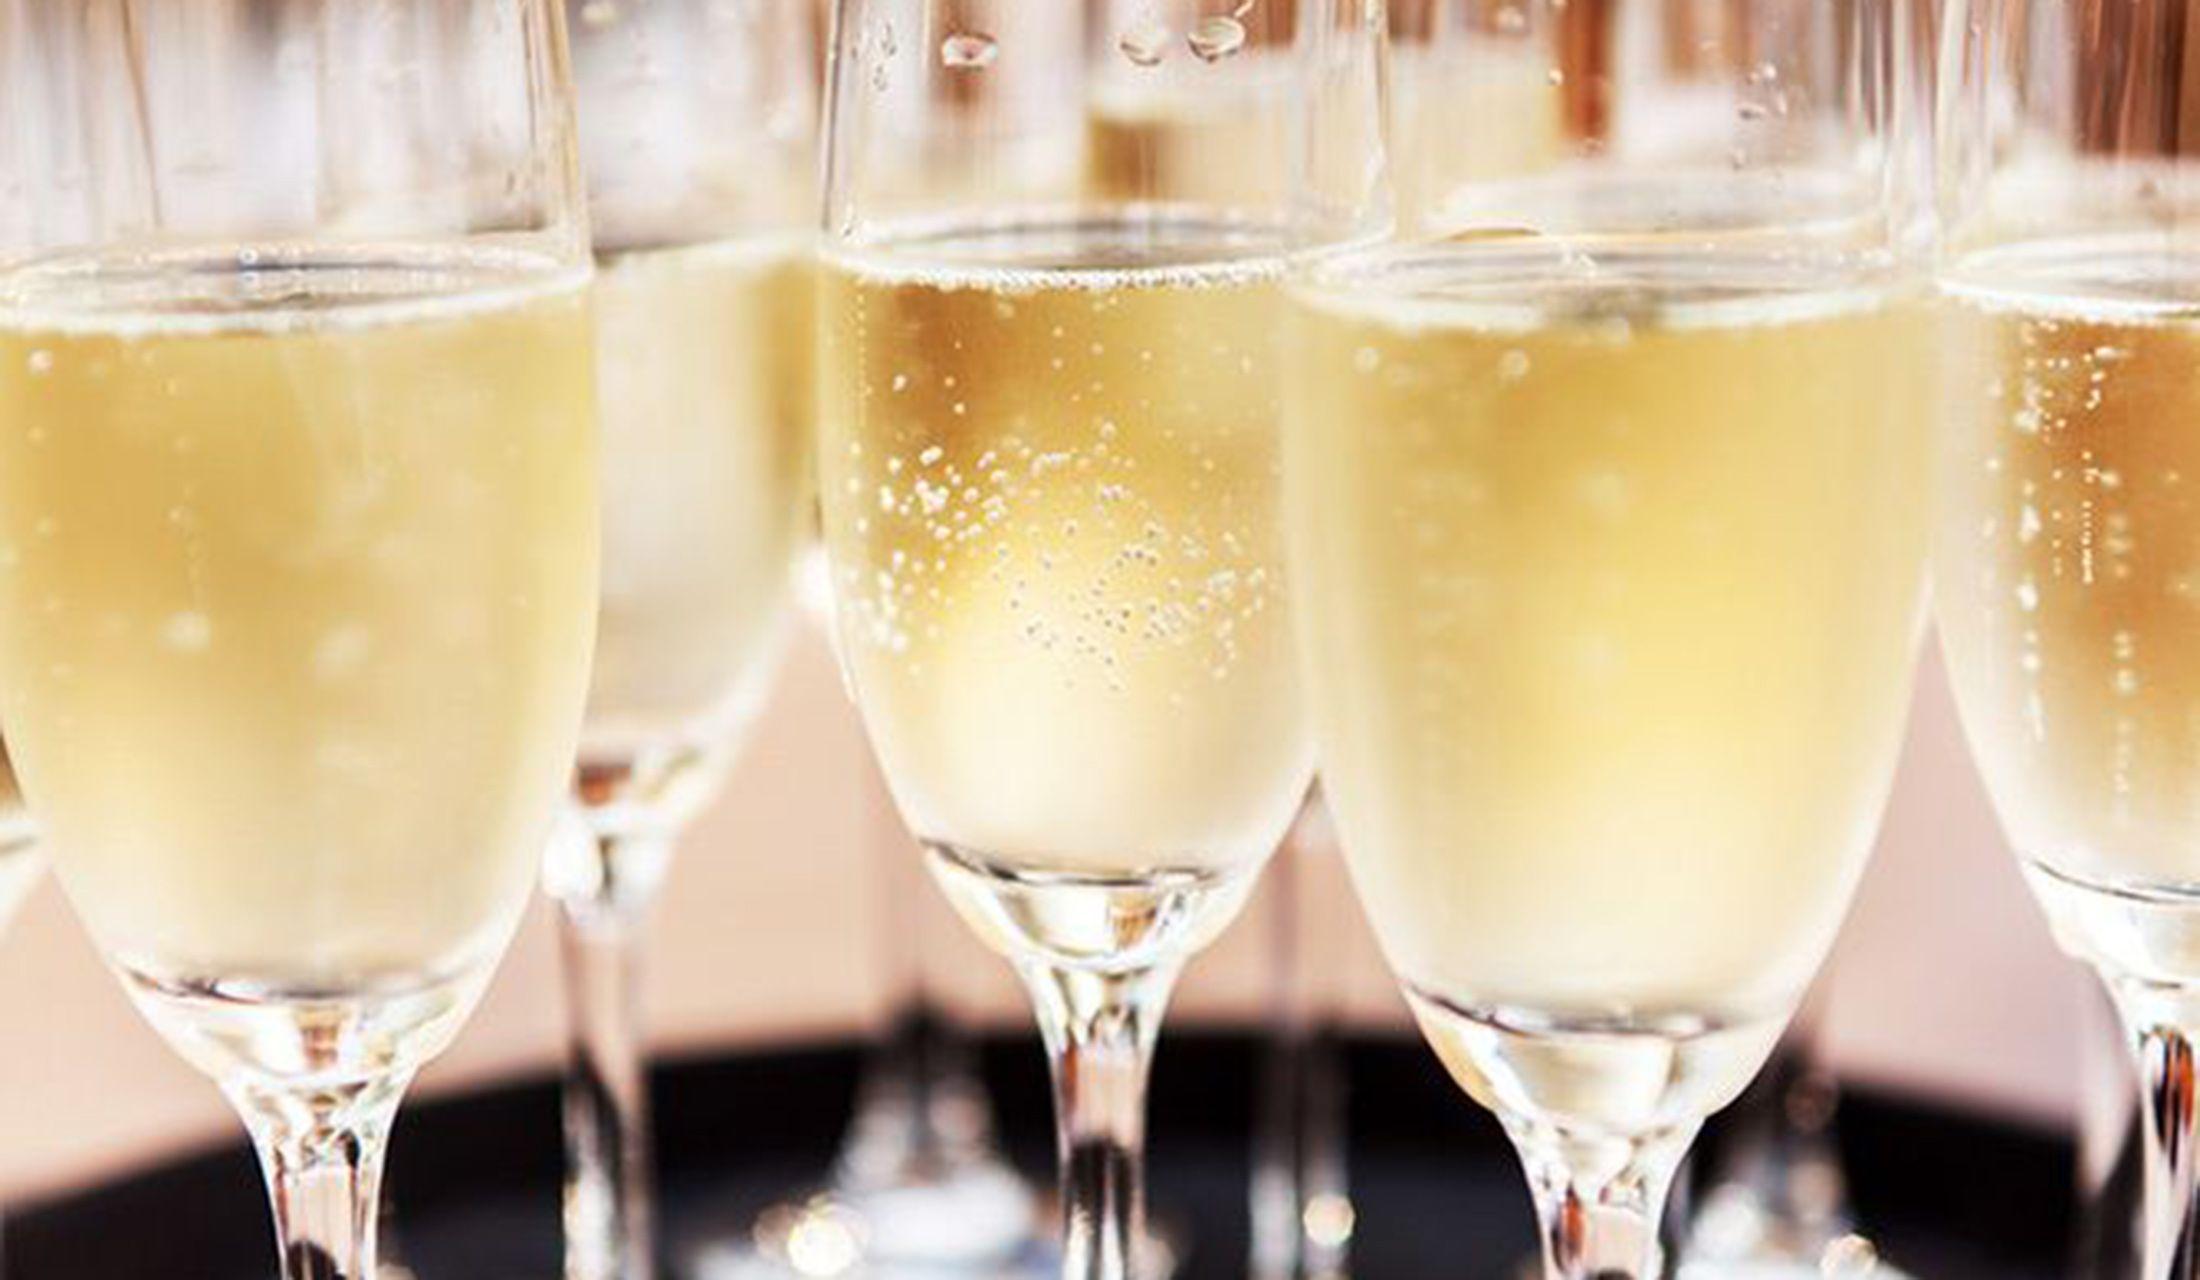 この冬シャンパンをもっと楽しむためトピックス、東京のバー&レストラン、手土産やおすすめグラスまで